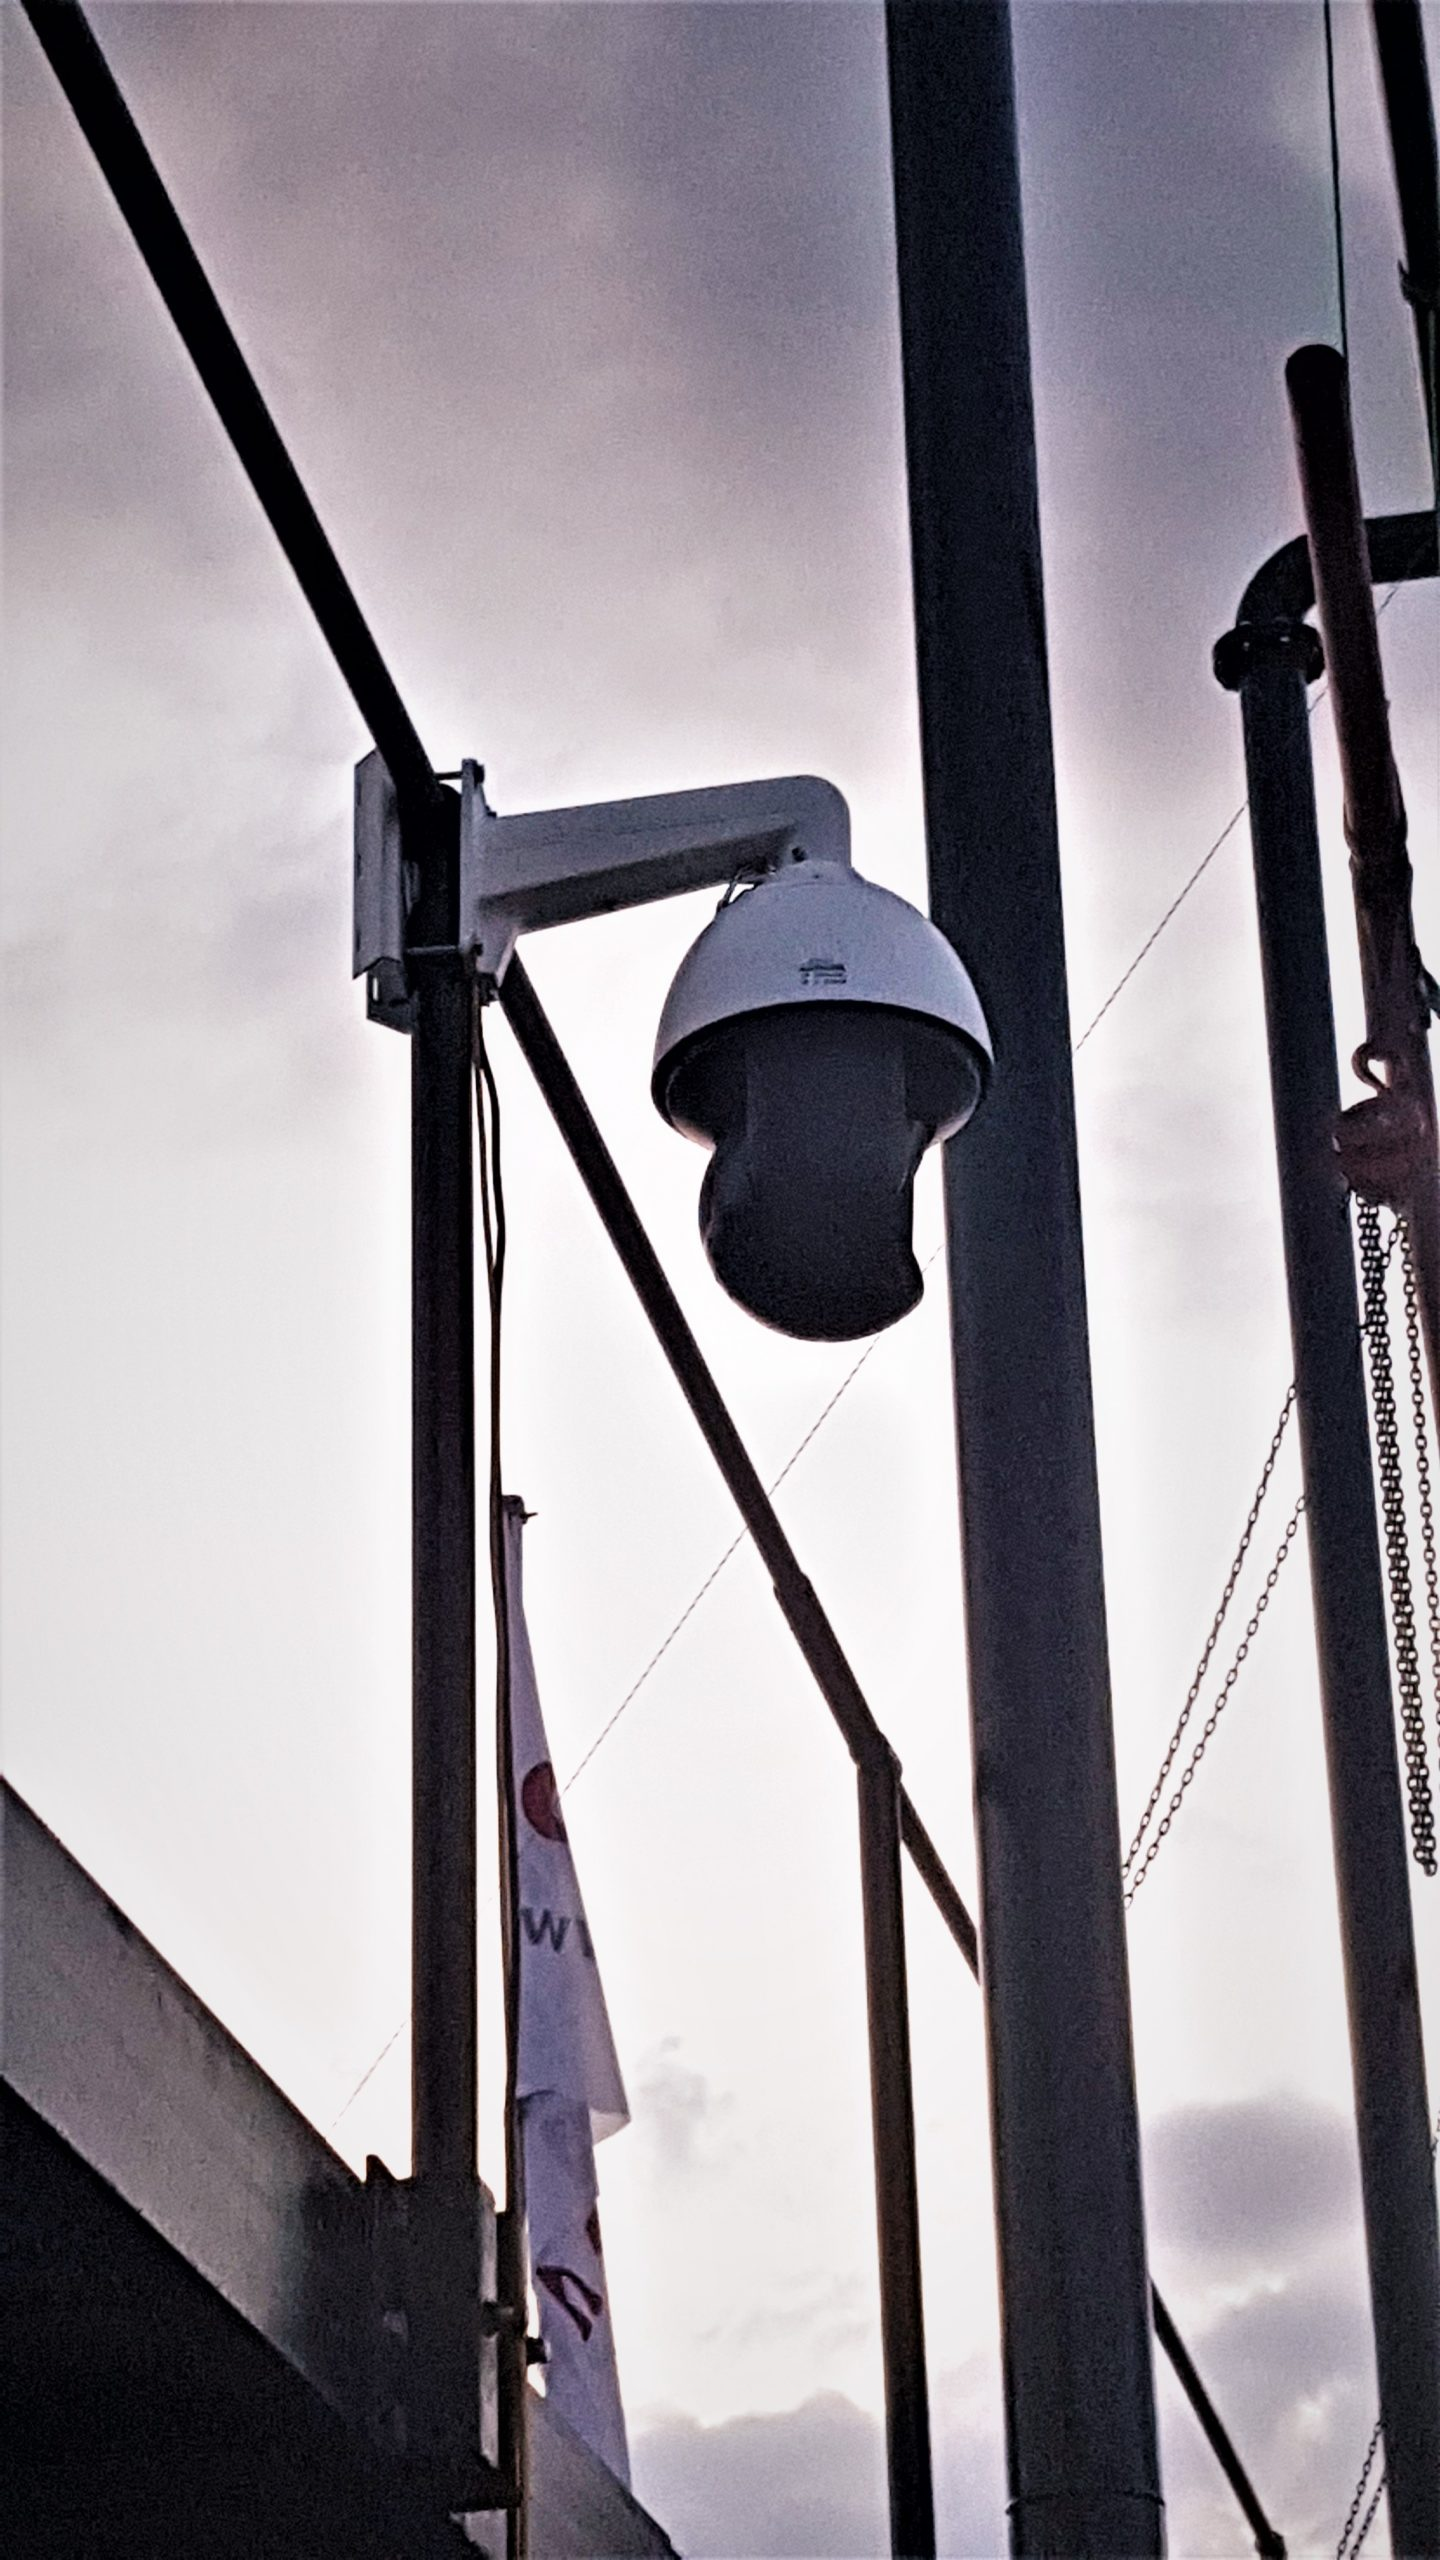 Livestream camera in een buitenopstelling. Cameras zijn regen bestendig en kunnen daarom ook elk buiten evenement goed vastleggen.